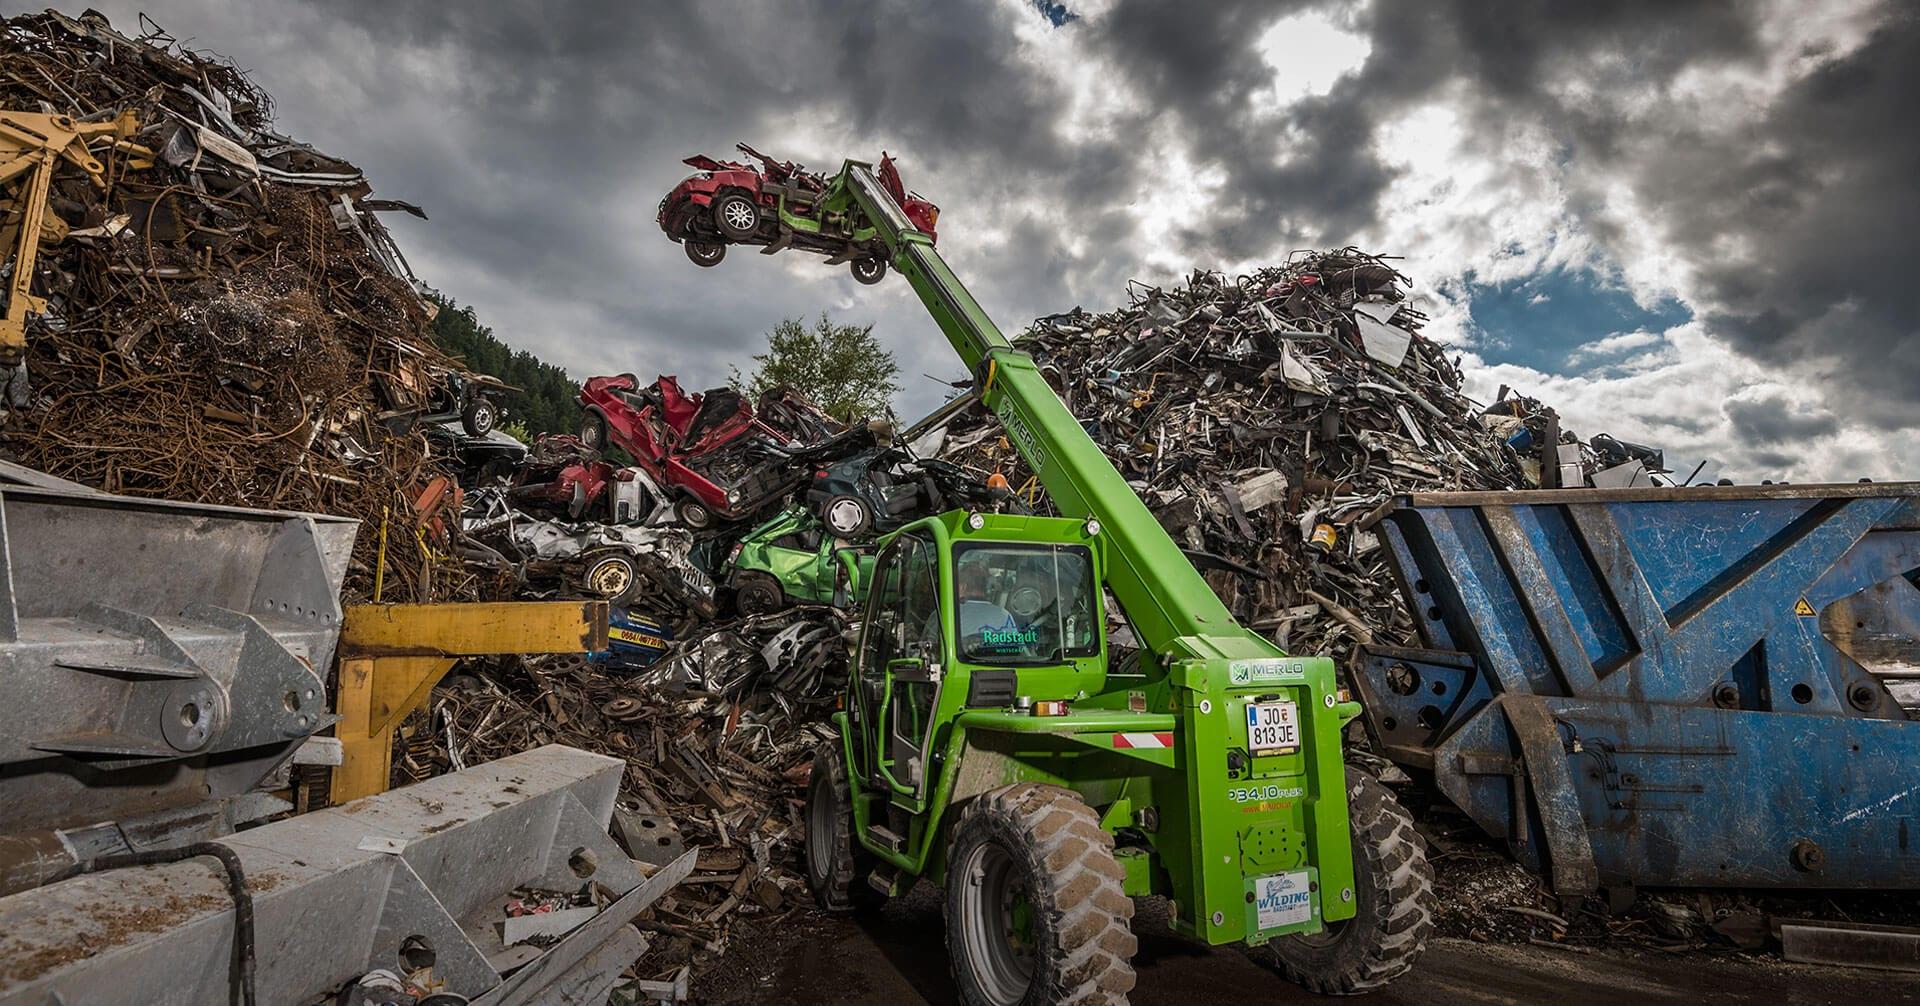 Entsorgungsbetrieb, Recyclingbetrieb & Schrotthändler - Wilding Radstadt